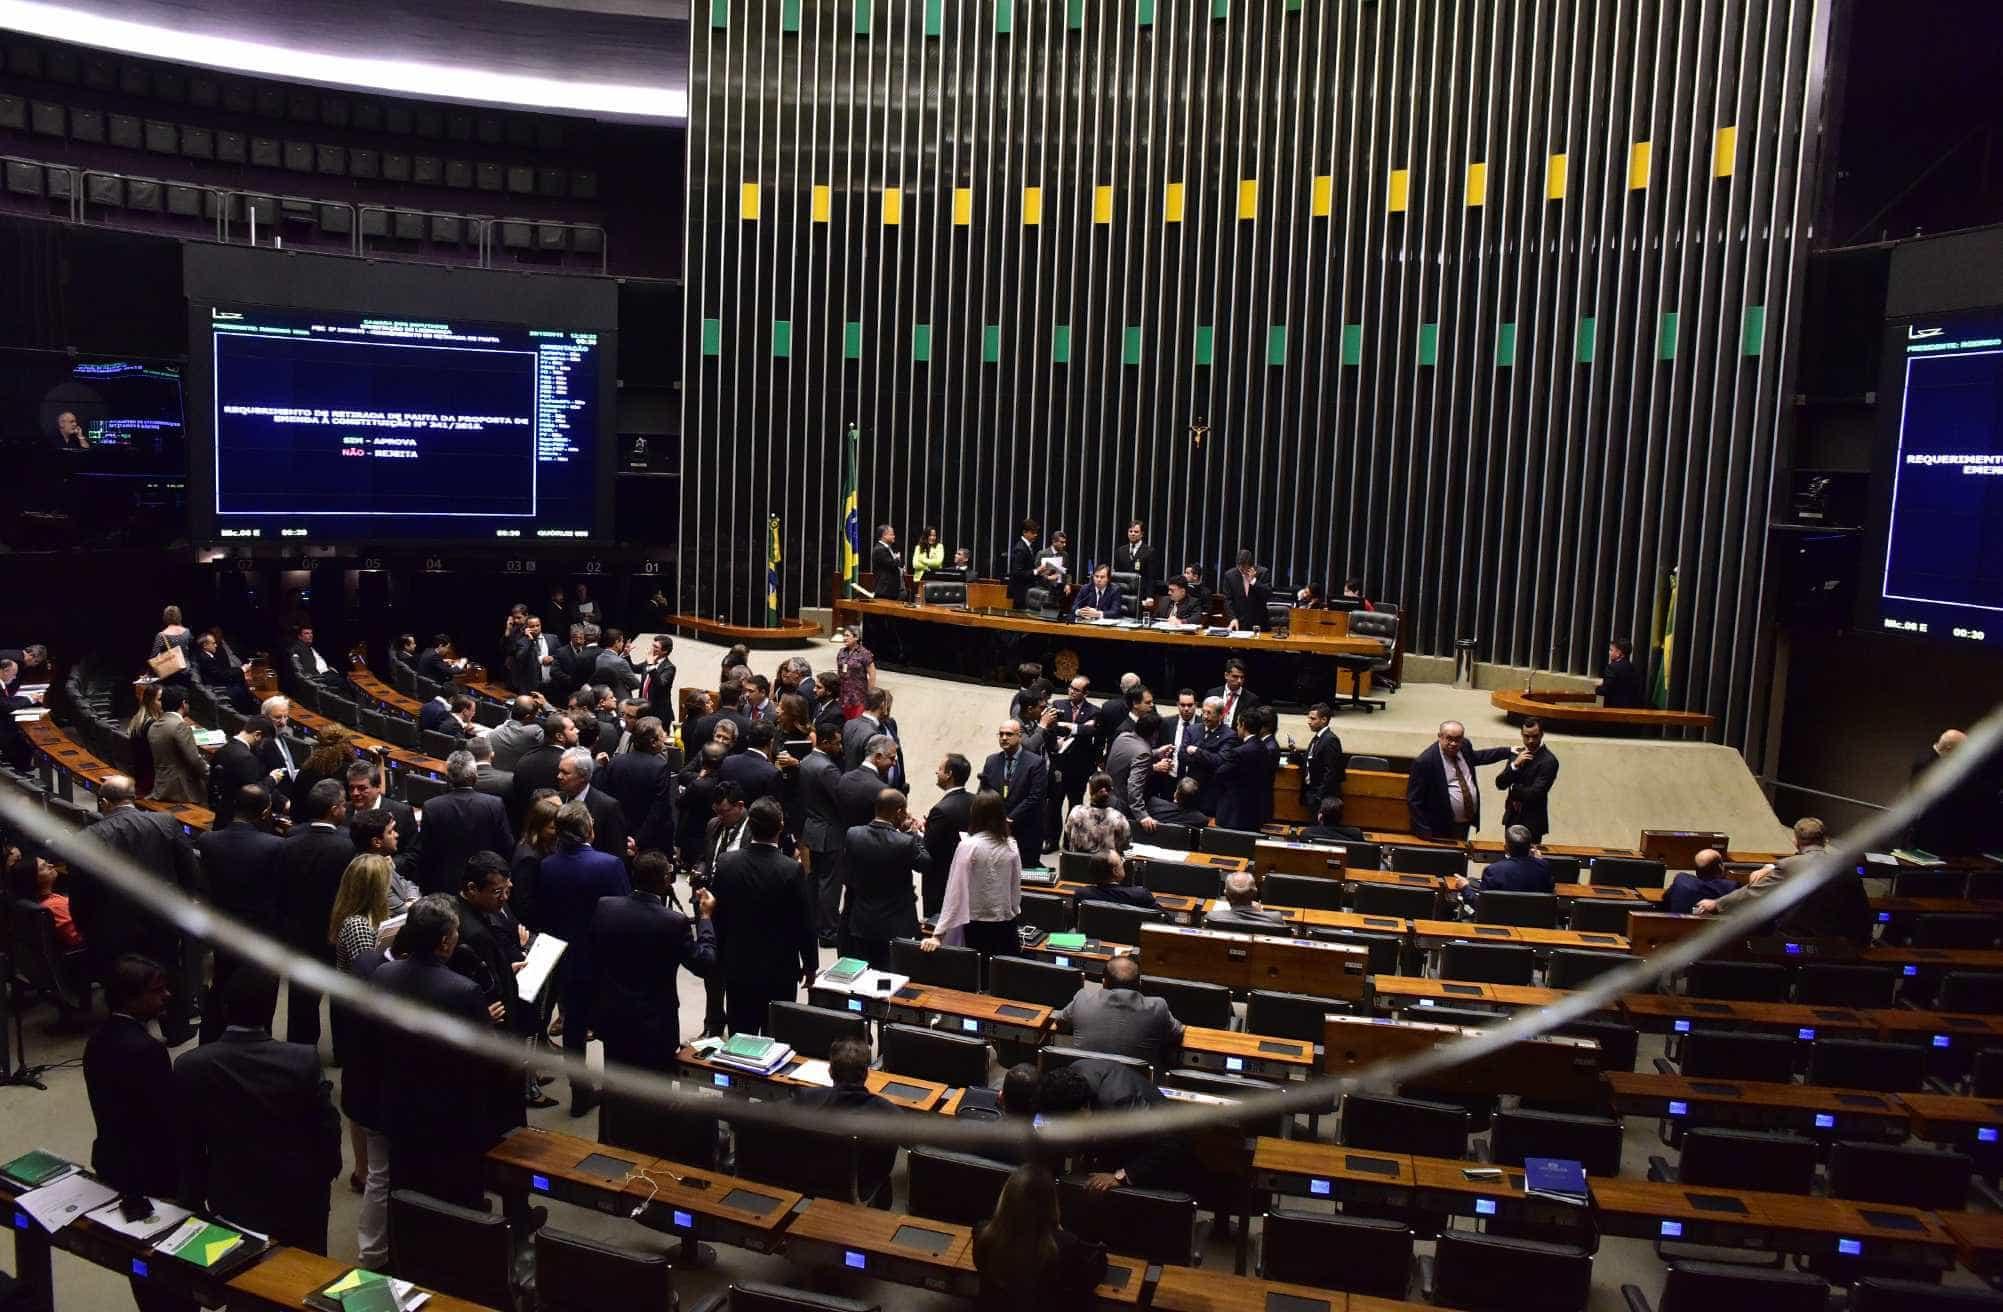 Base diz que recuos de Bolsonaro na reforma não são suficientes